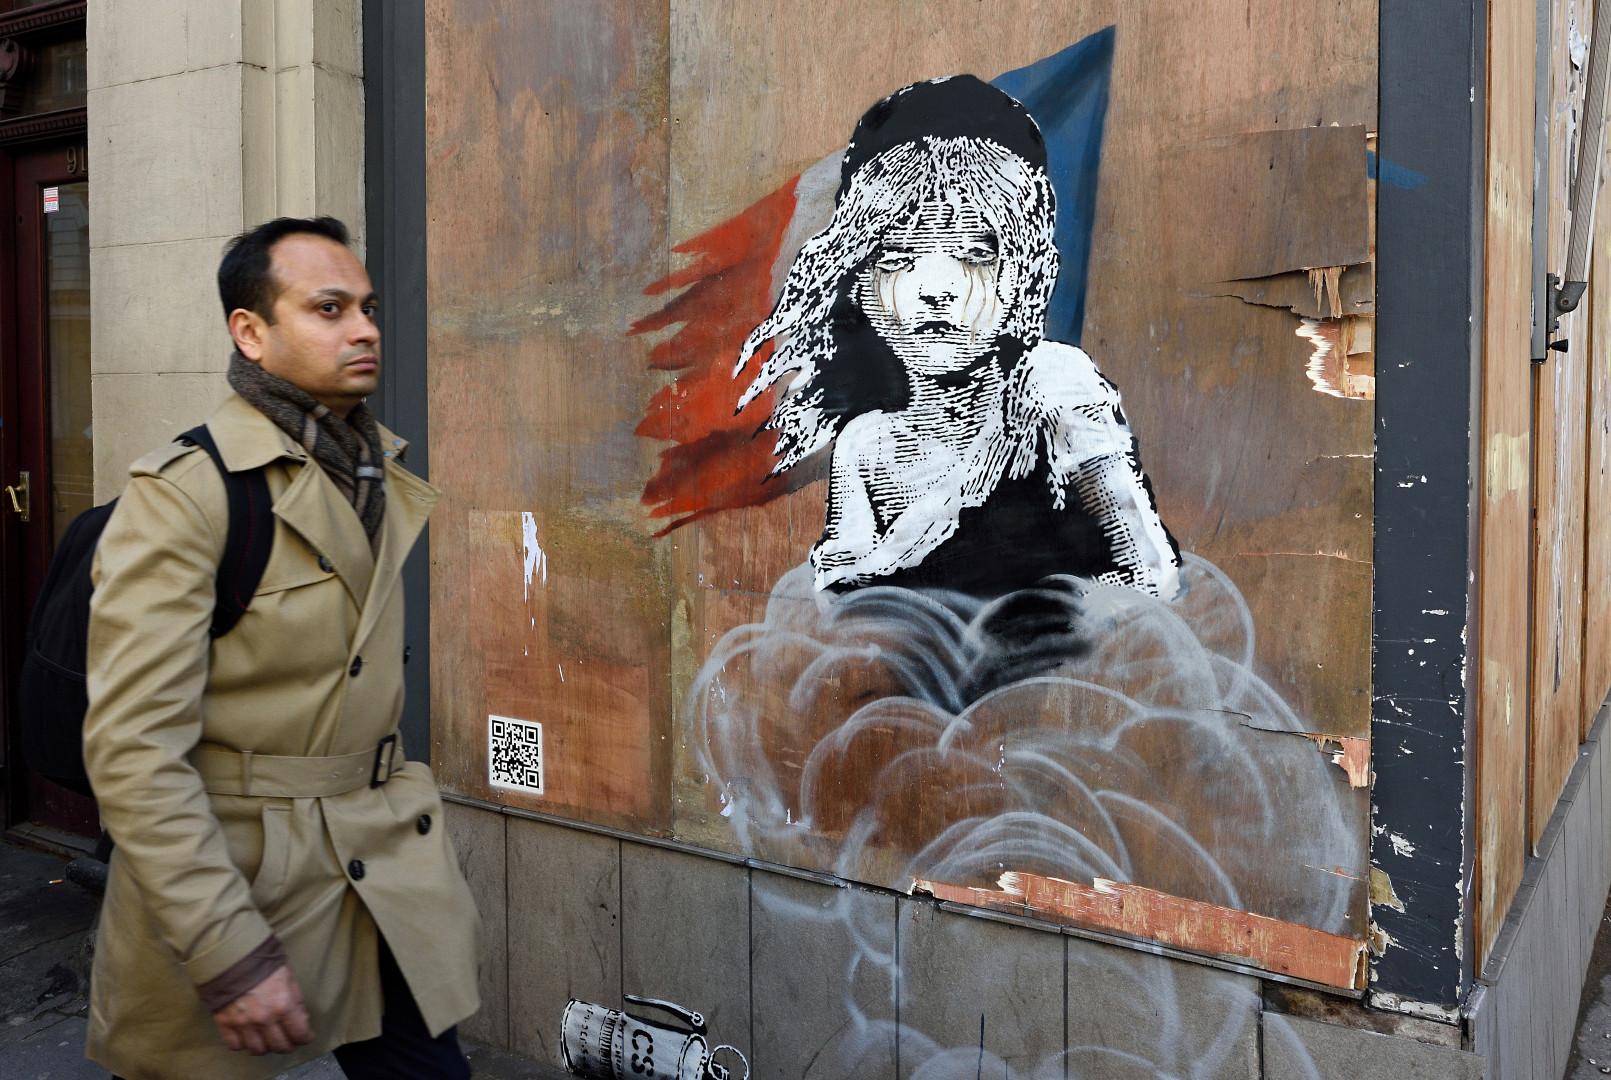 L'oeuvre recouvre une partie de la façade de l'ambassade de France à Londres